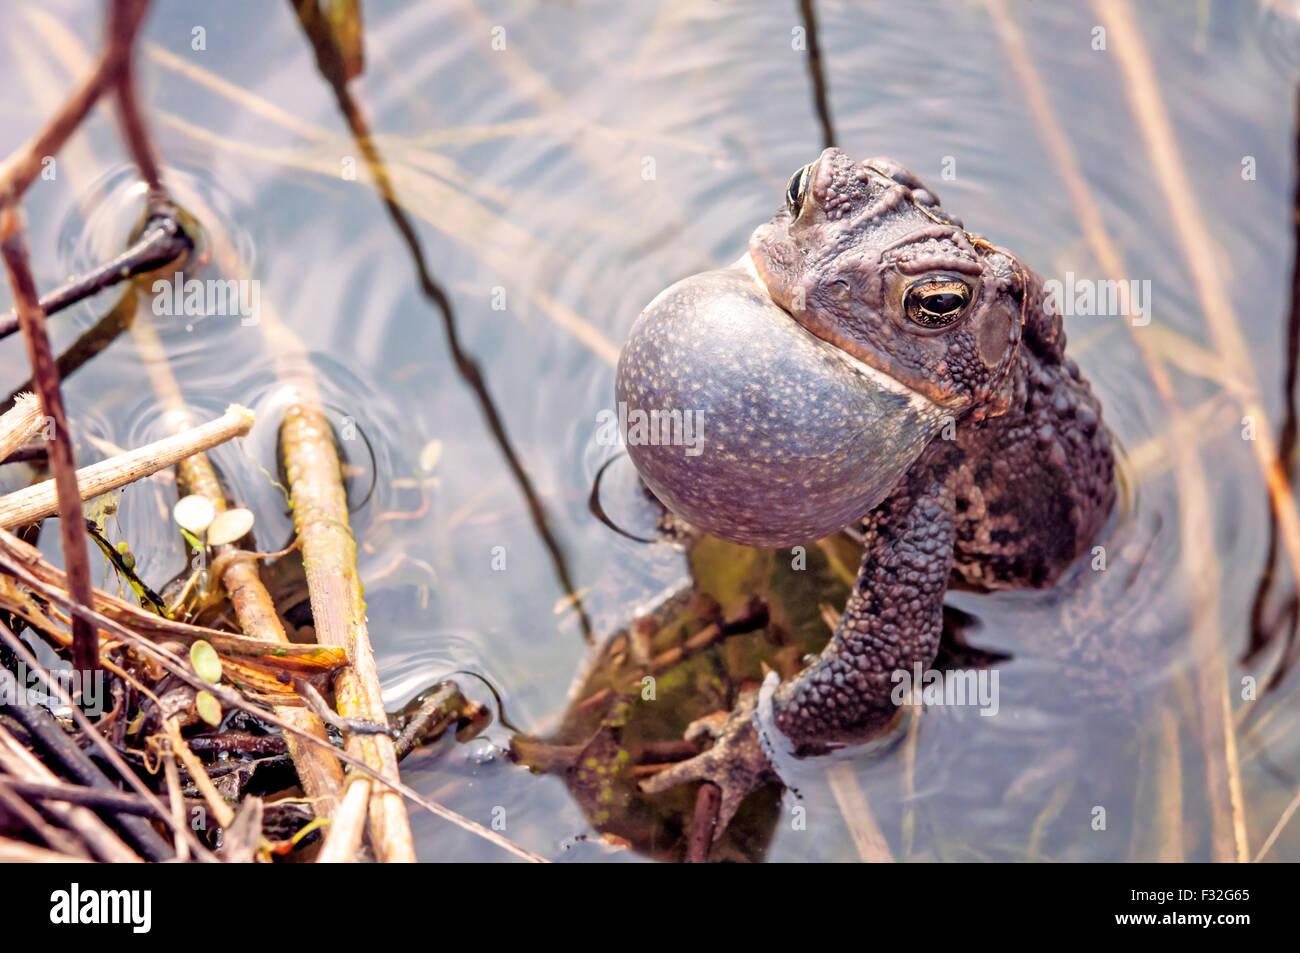 Bullfrog croaking in pond Stock Photo